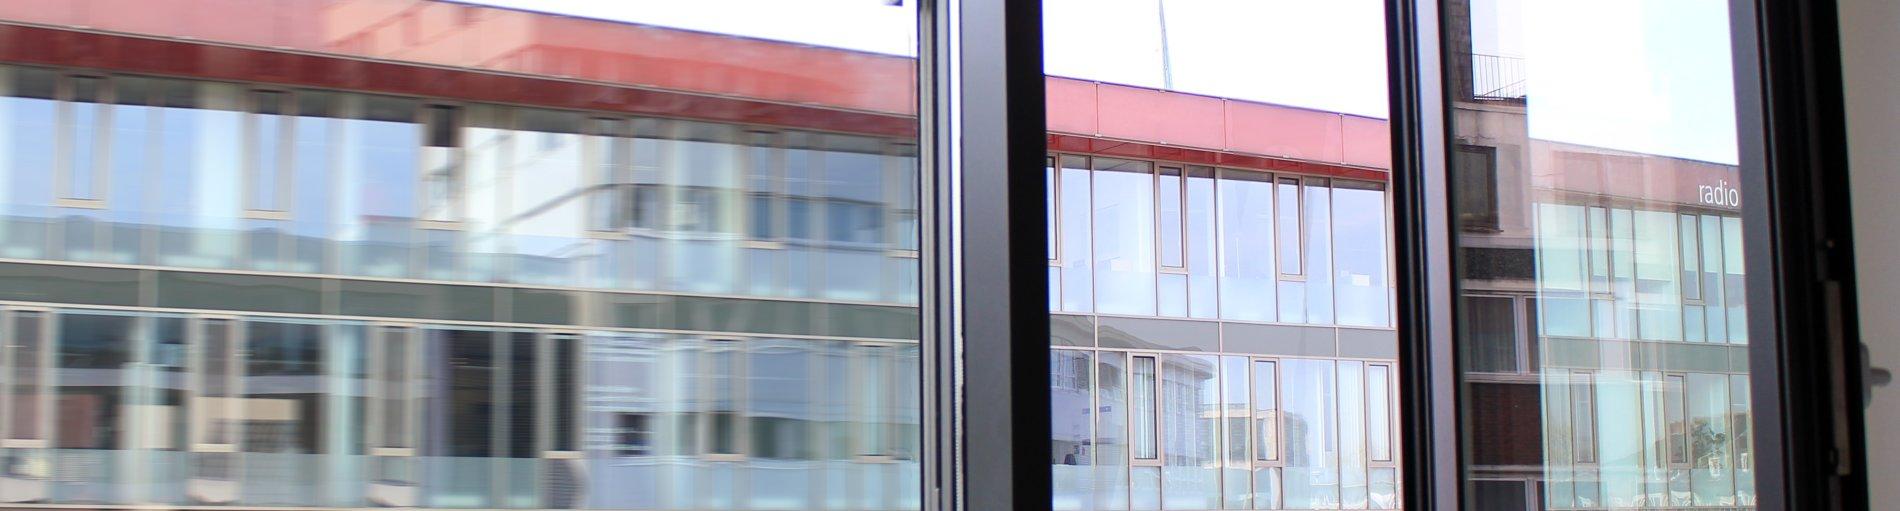 Blick auf ein offenes Fenster